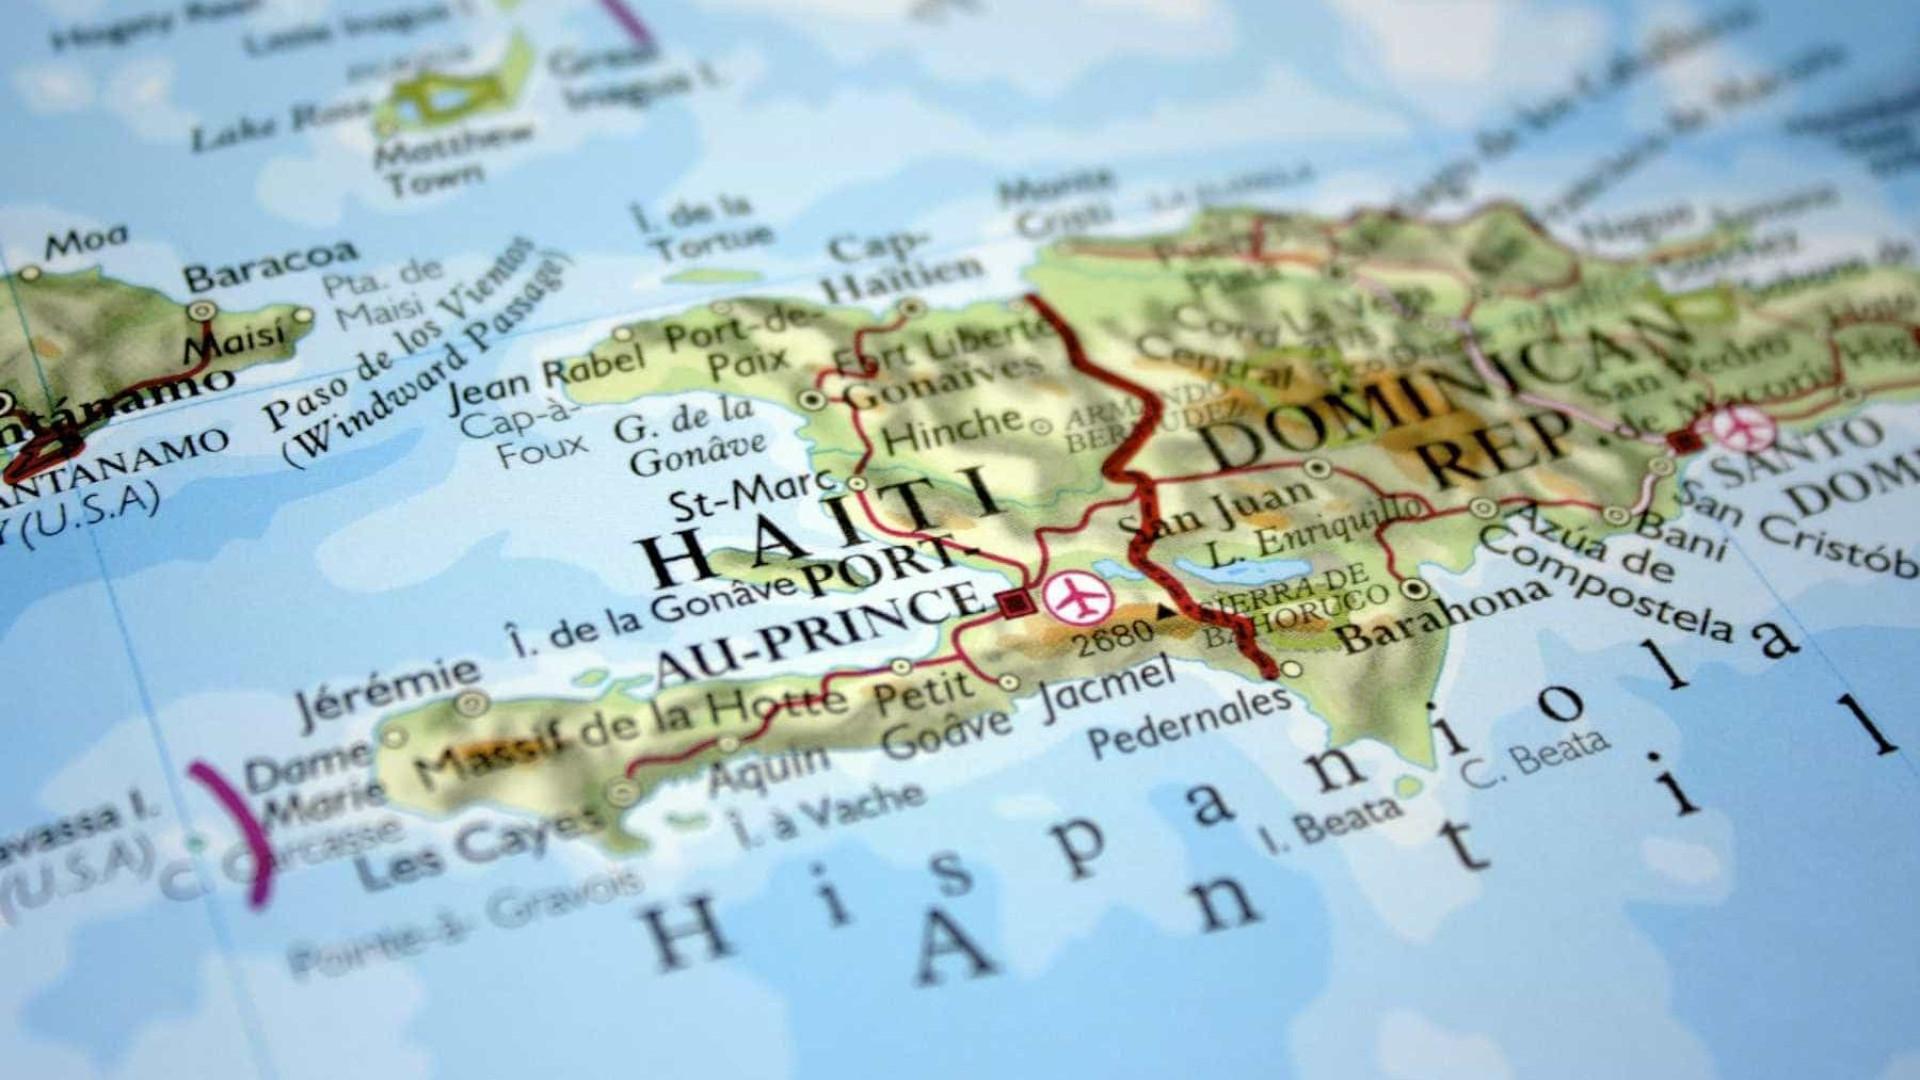 Agentes fora de serviço envolvem-se em tiroteio com militares haitianos